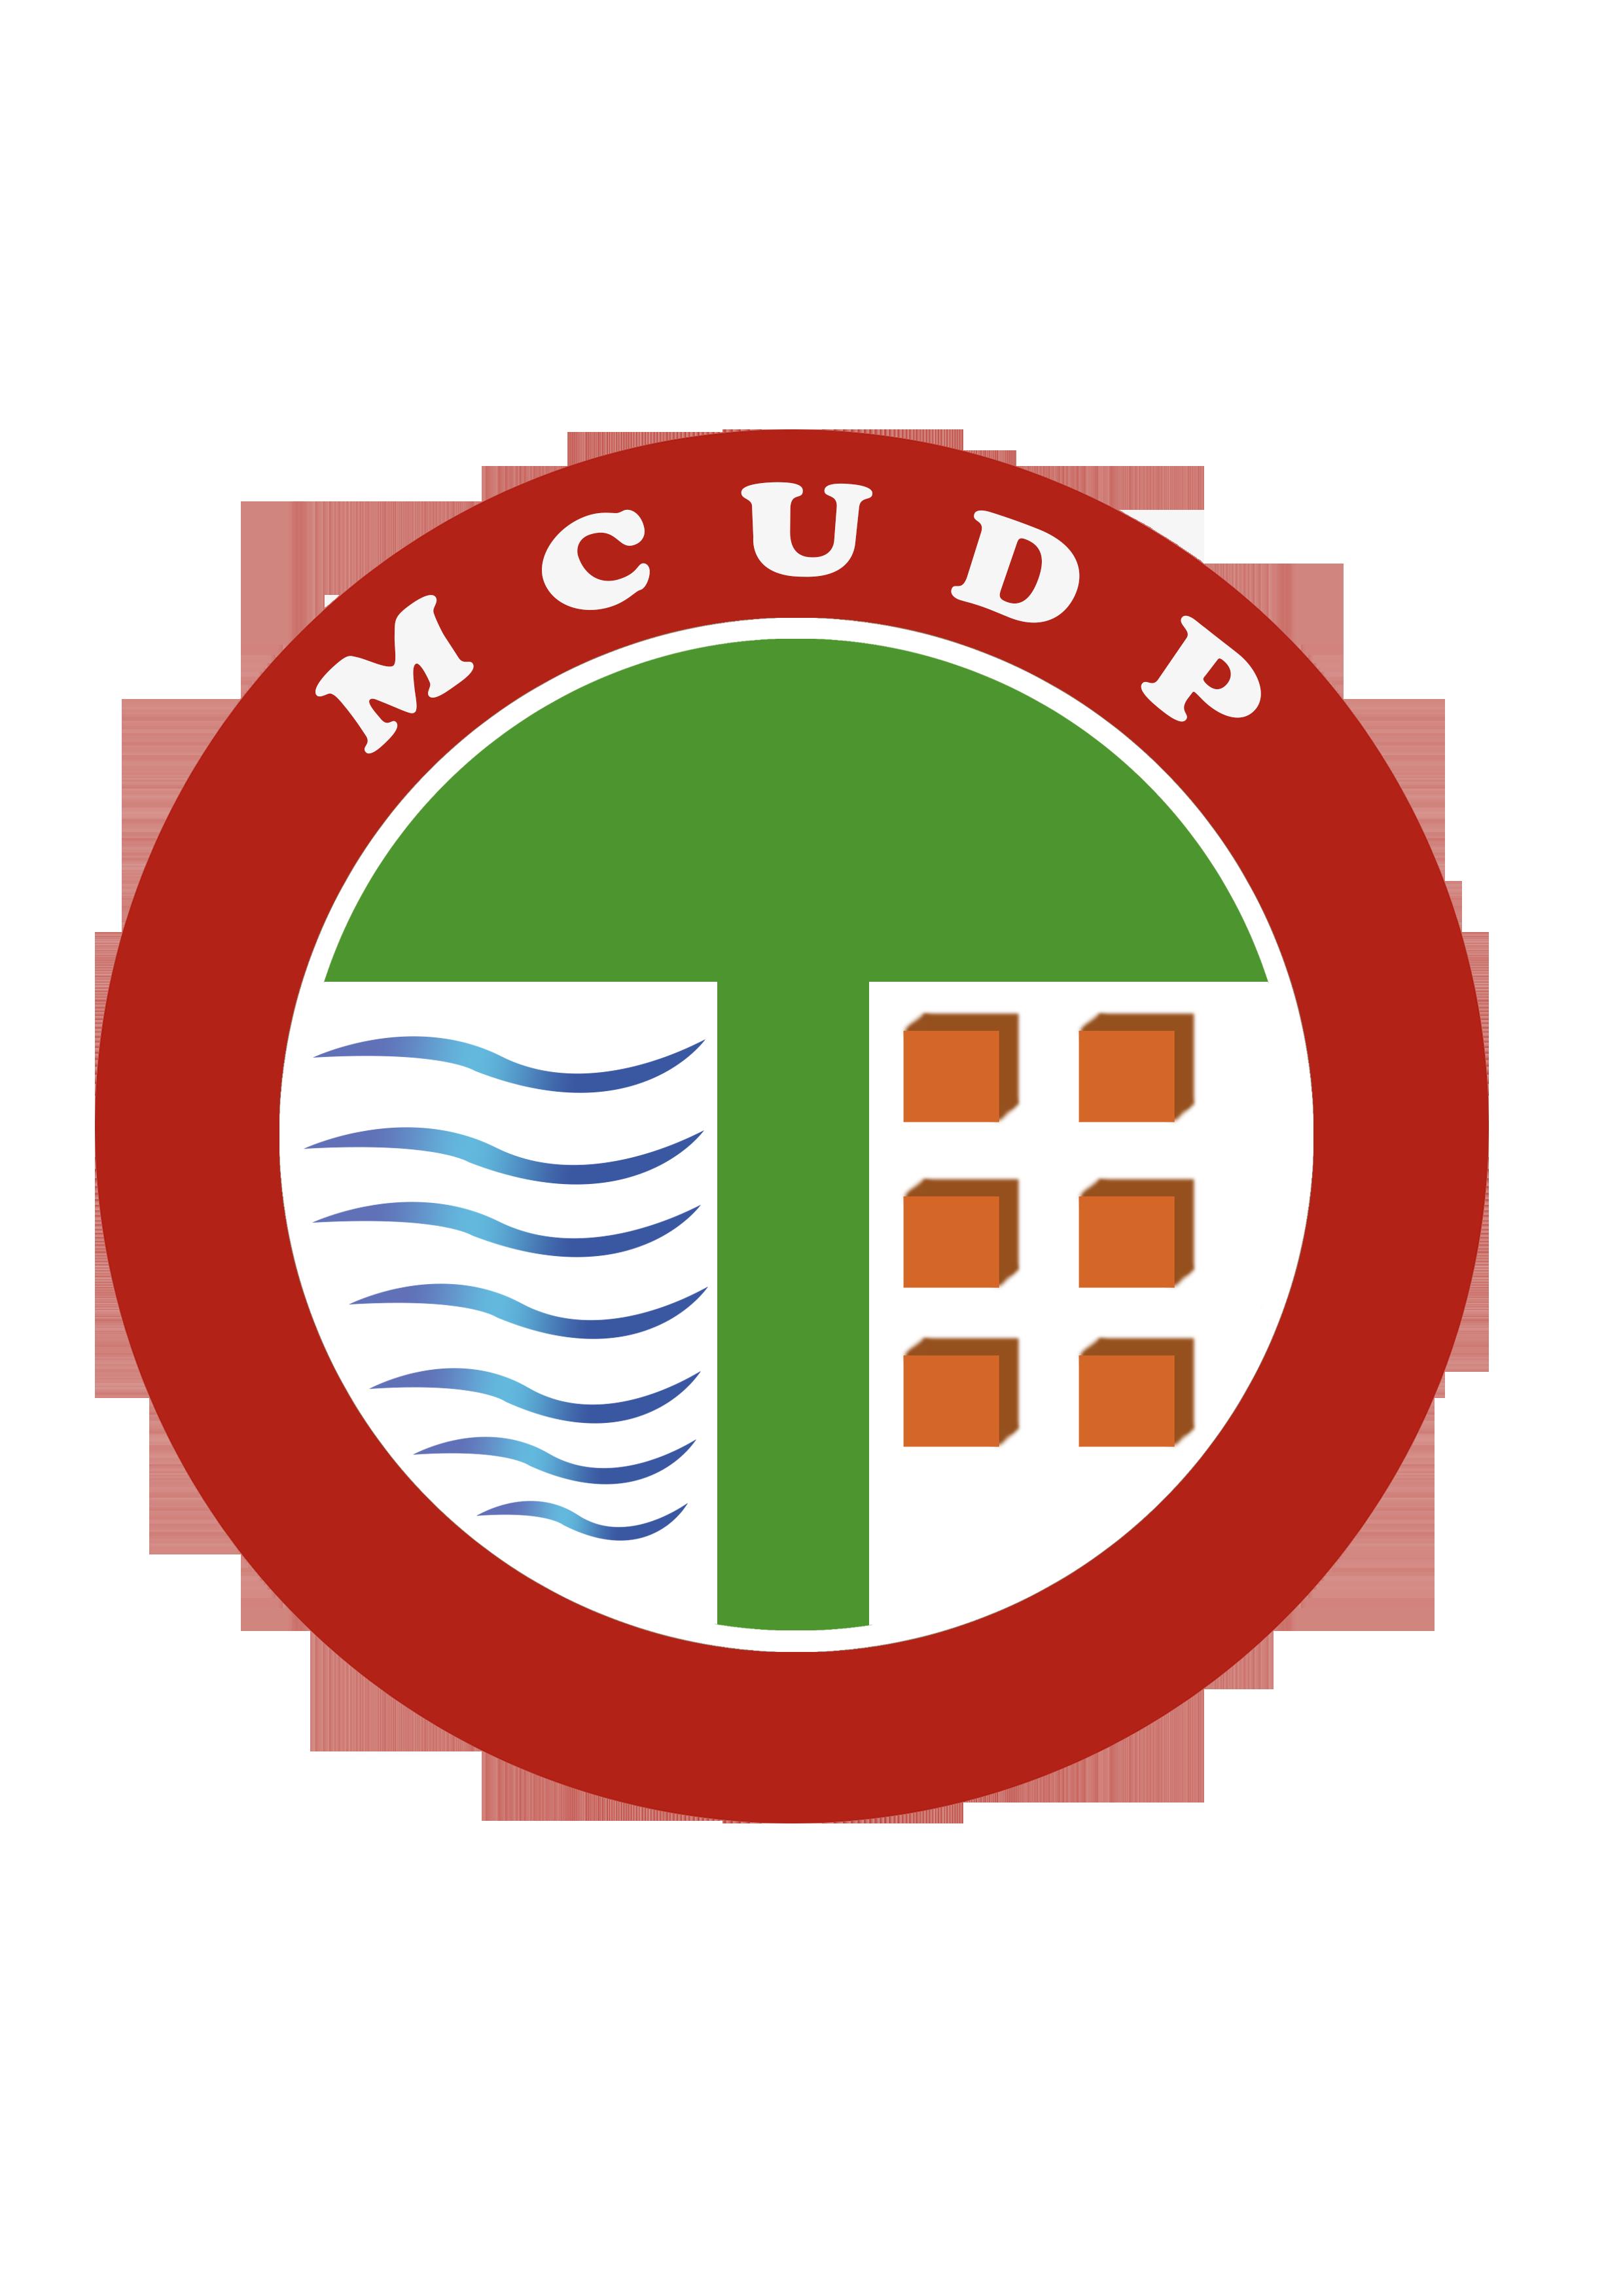 MCUDP